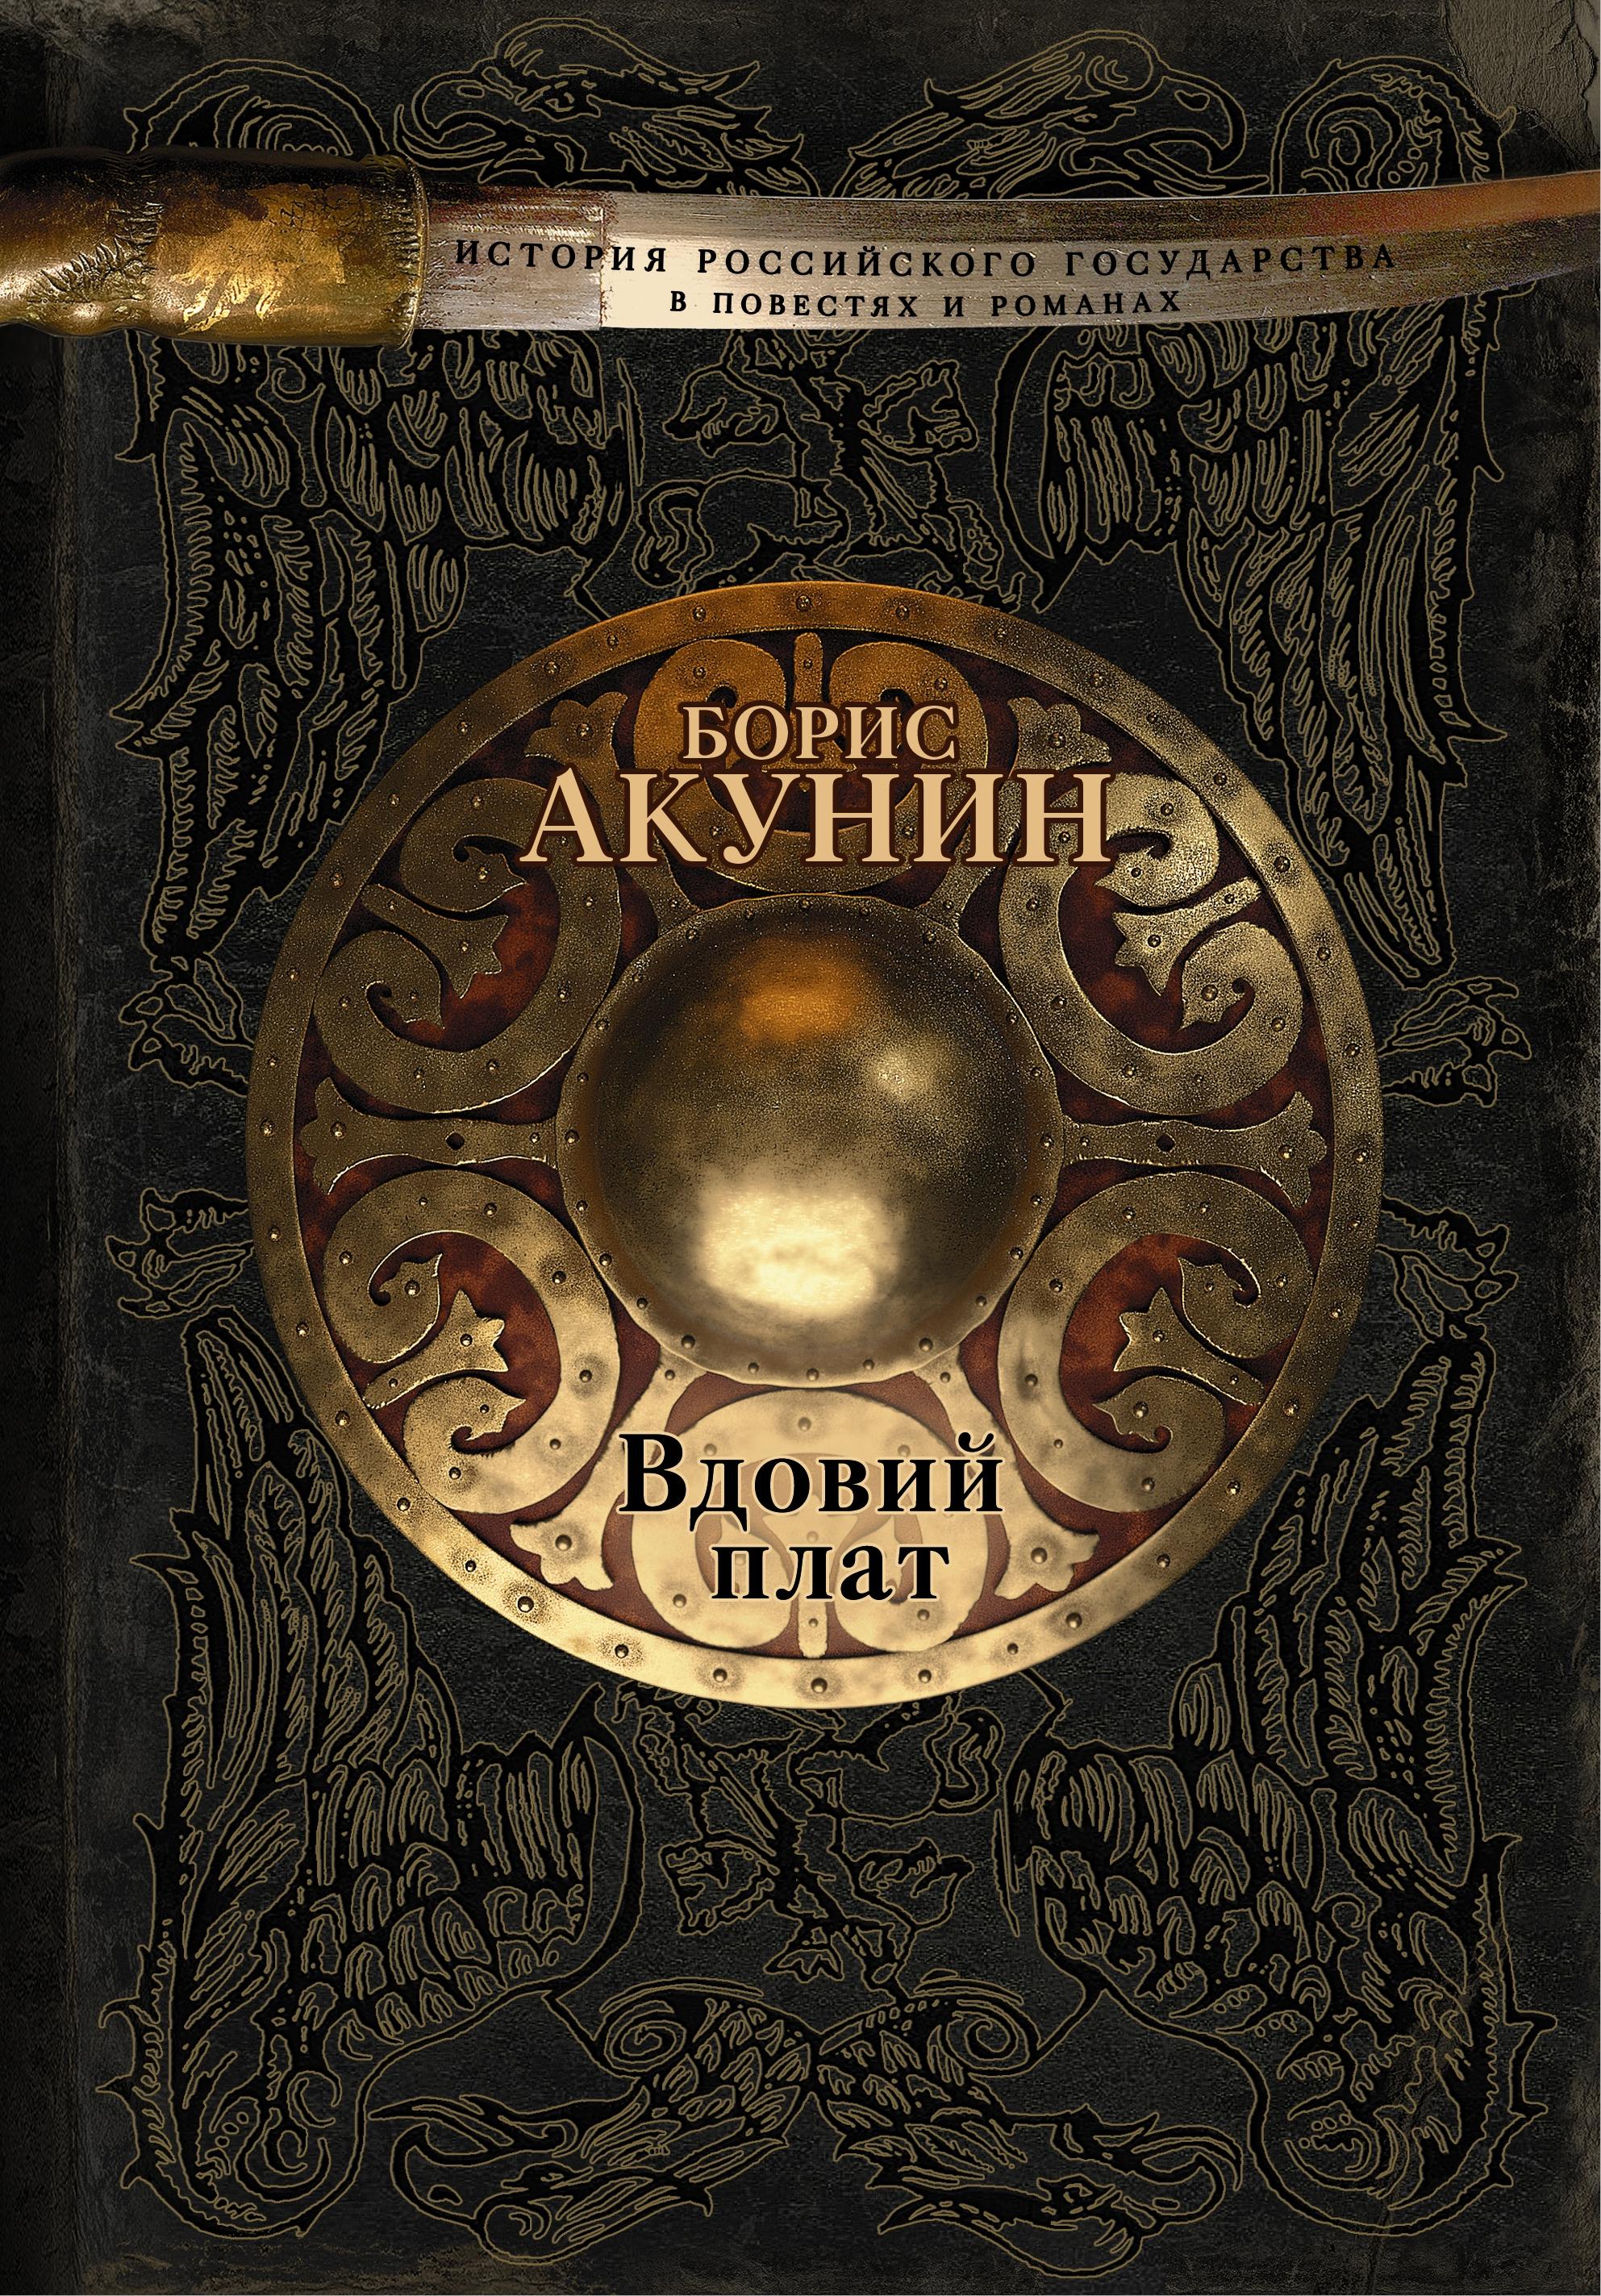 Скачать книгу борис акунин коронация